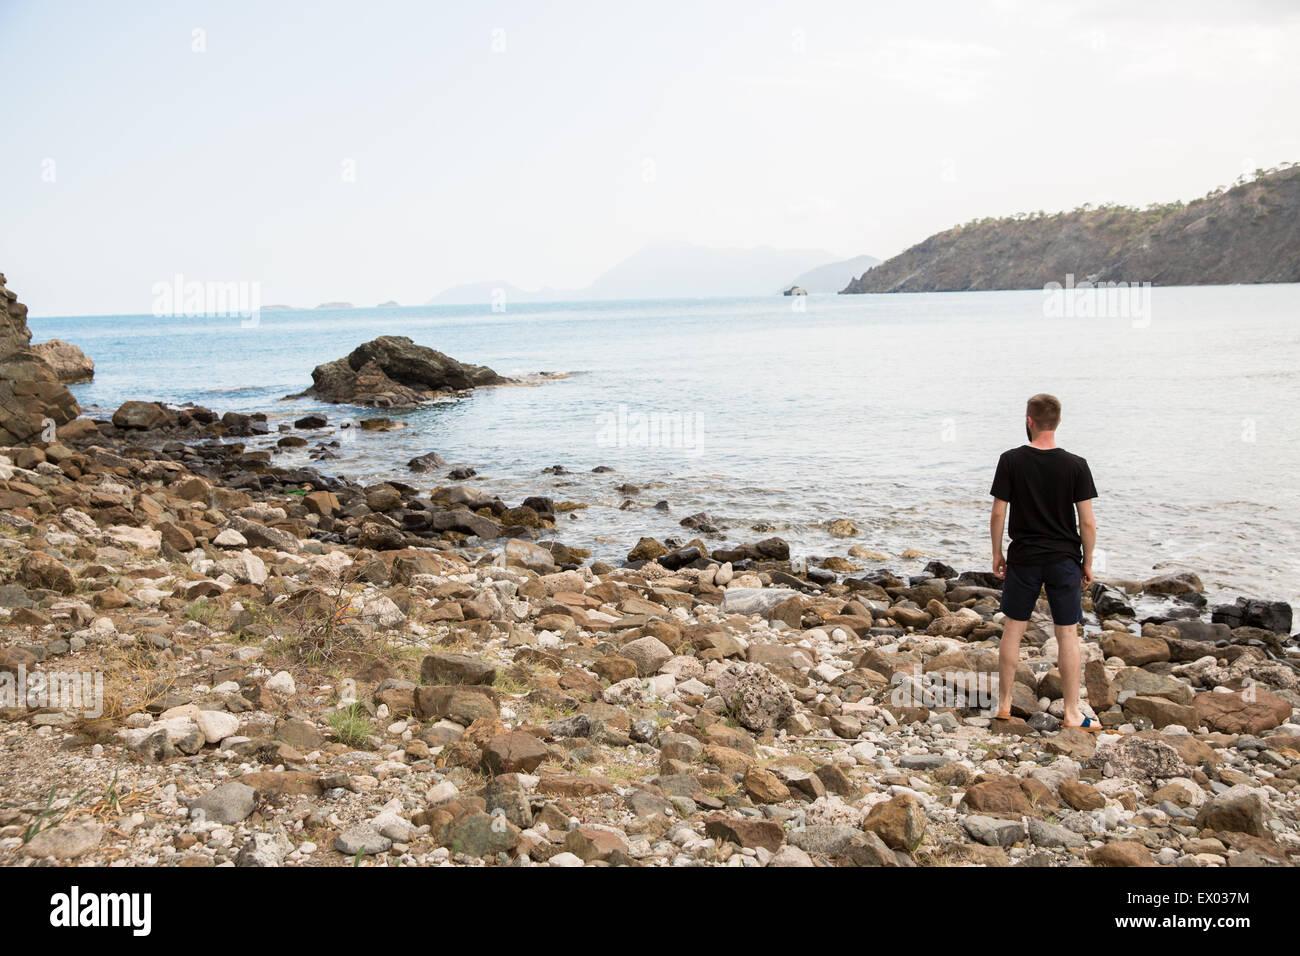 Uomo che guarda fuori dalla costa al Phaselis, Via Licia, Turchia Immagini Stock